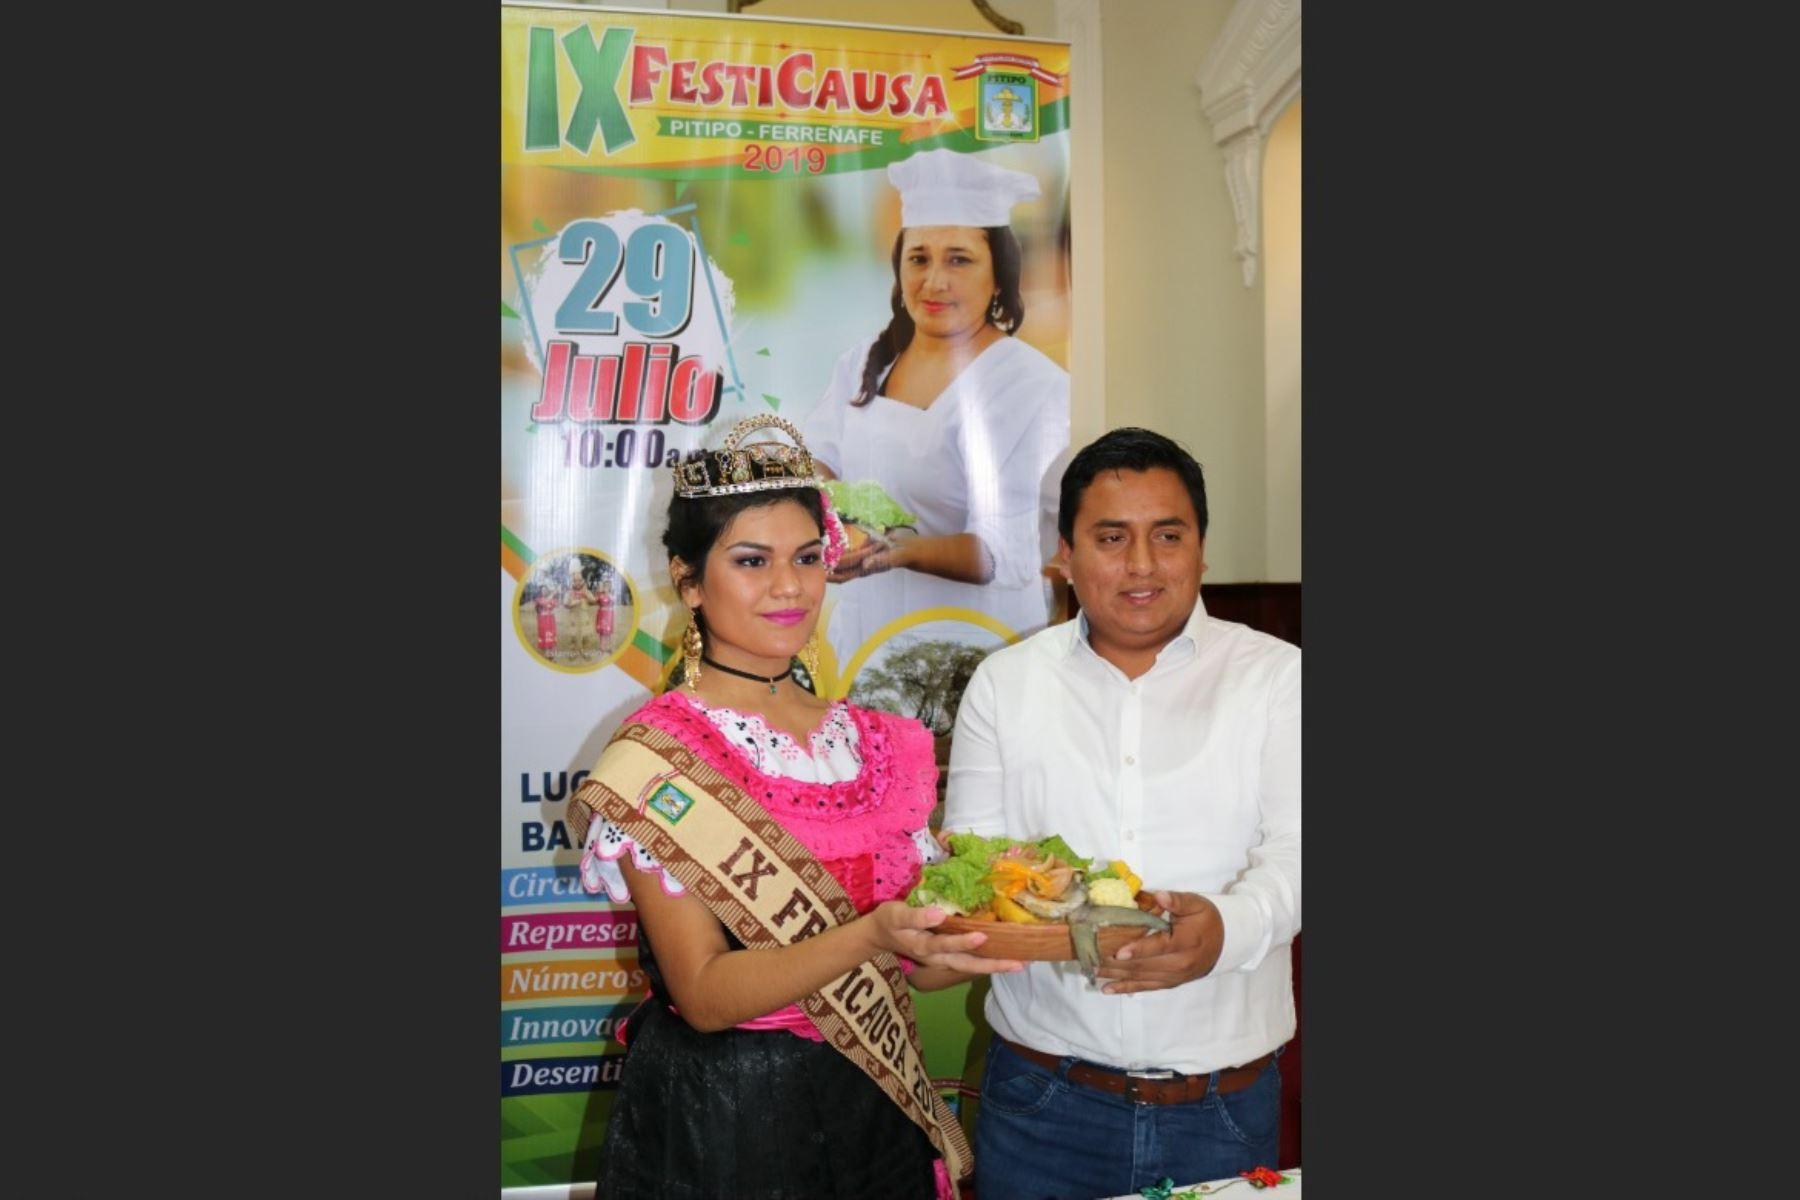 Ultiman detalles para la feria Festicausa que se realizará en Fiestas Patrias en distrito de Pítipo, en Lambayeque. ANDINA/Difusión